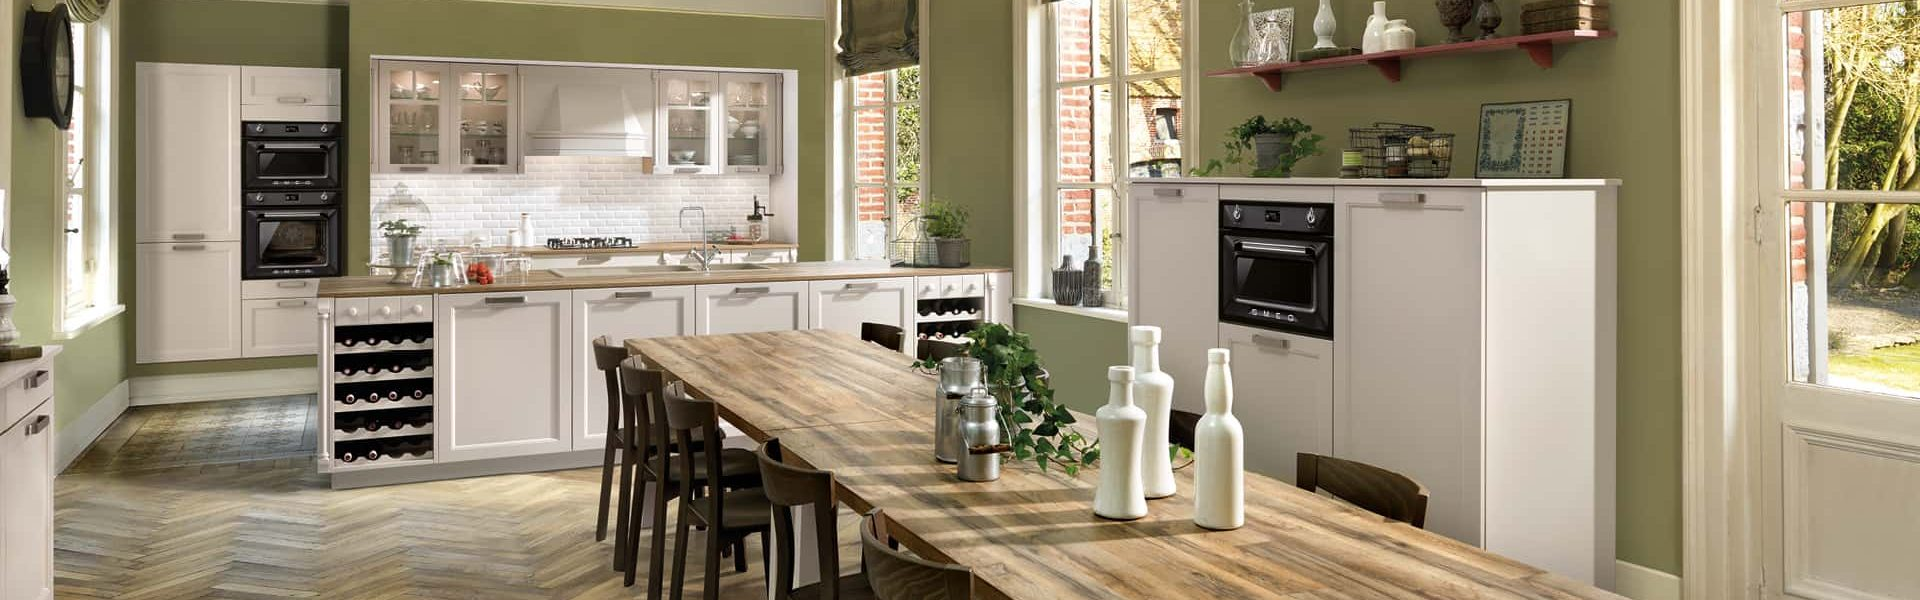 Hyggeligt køkken i sommerhus med Schmidt